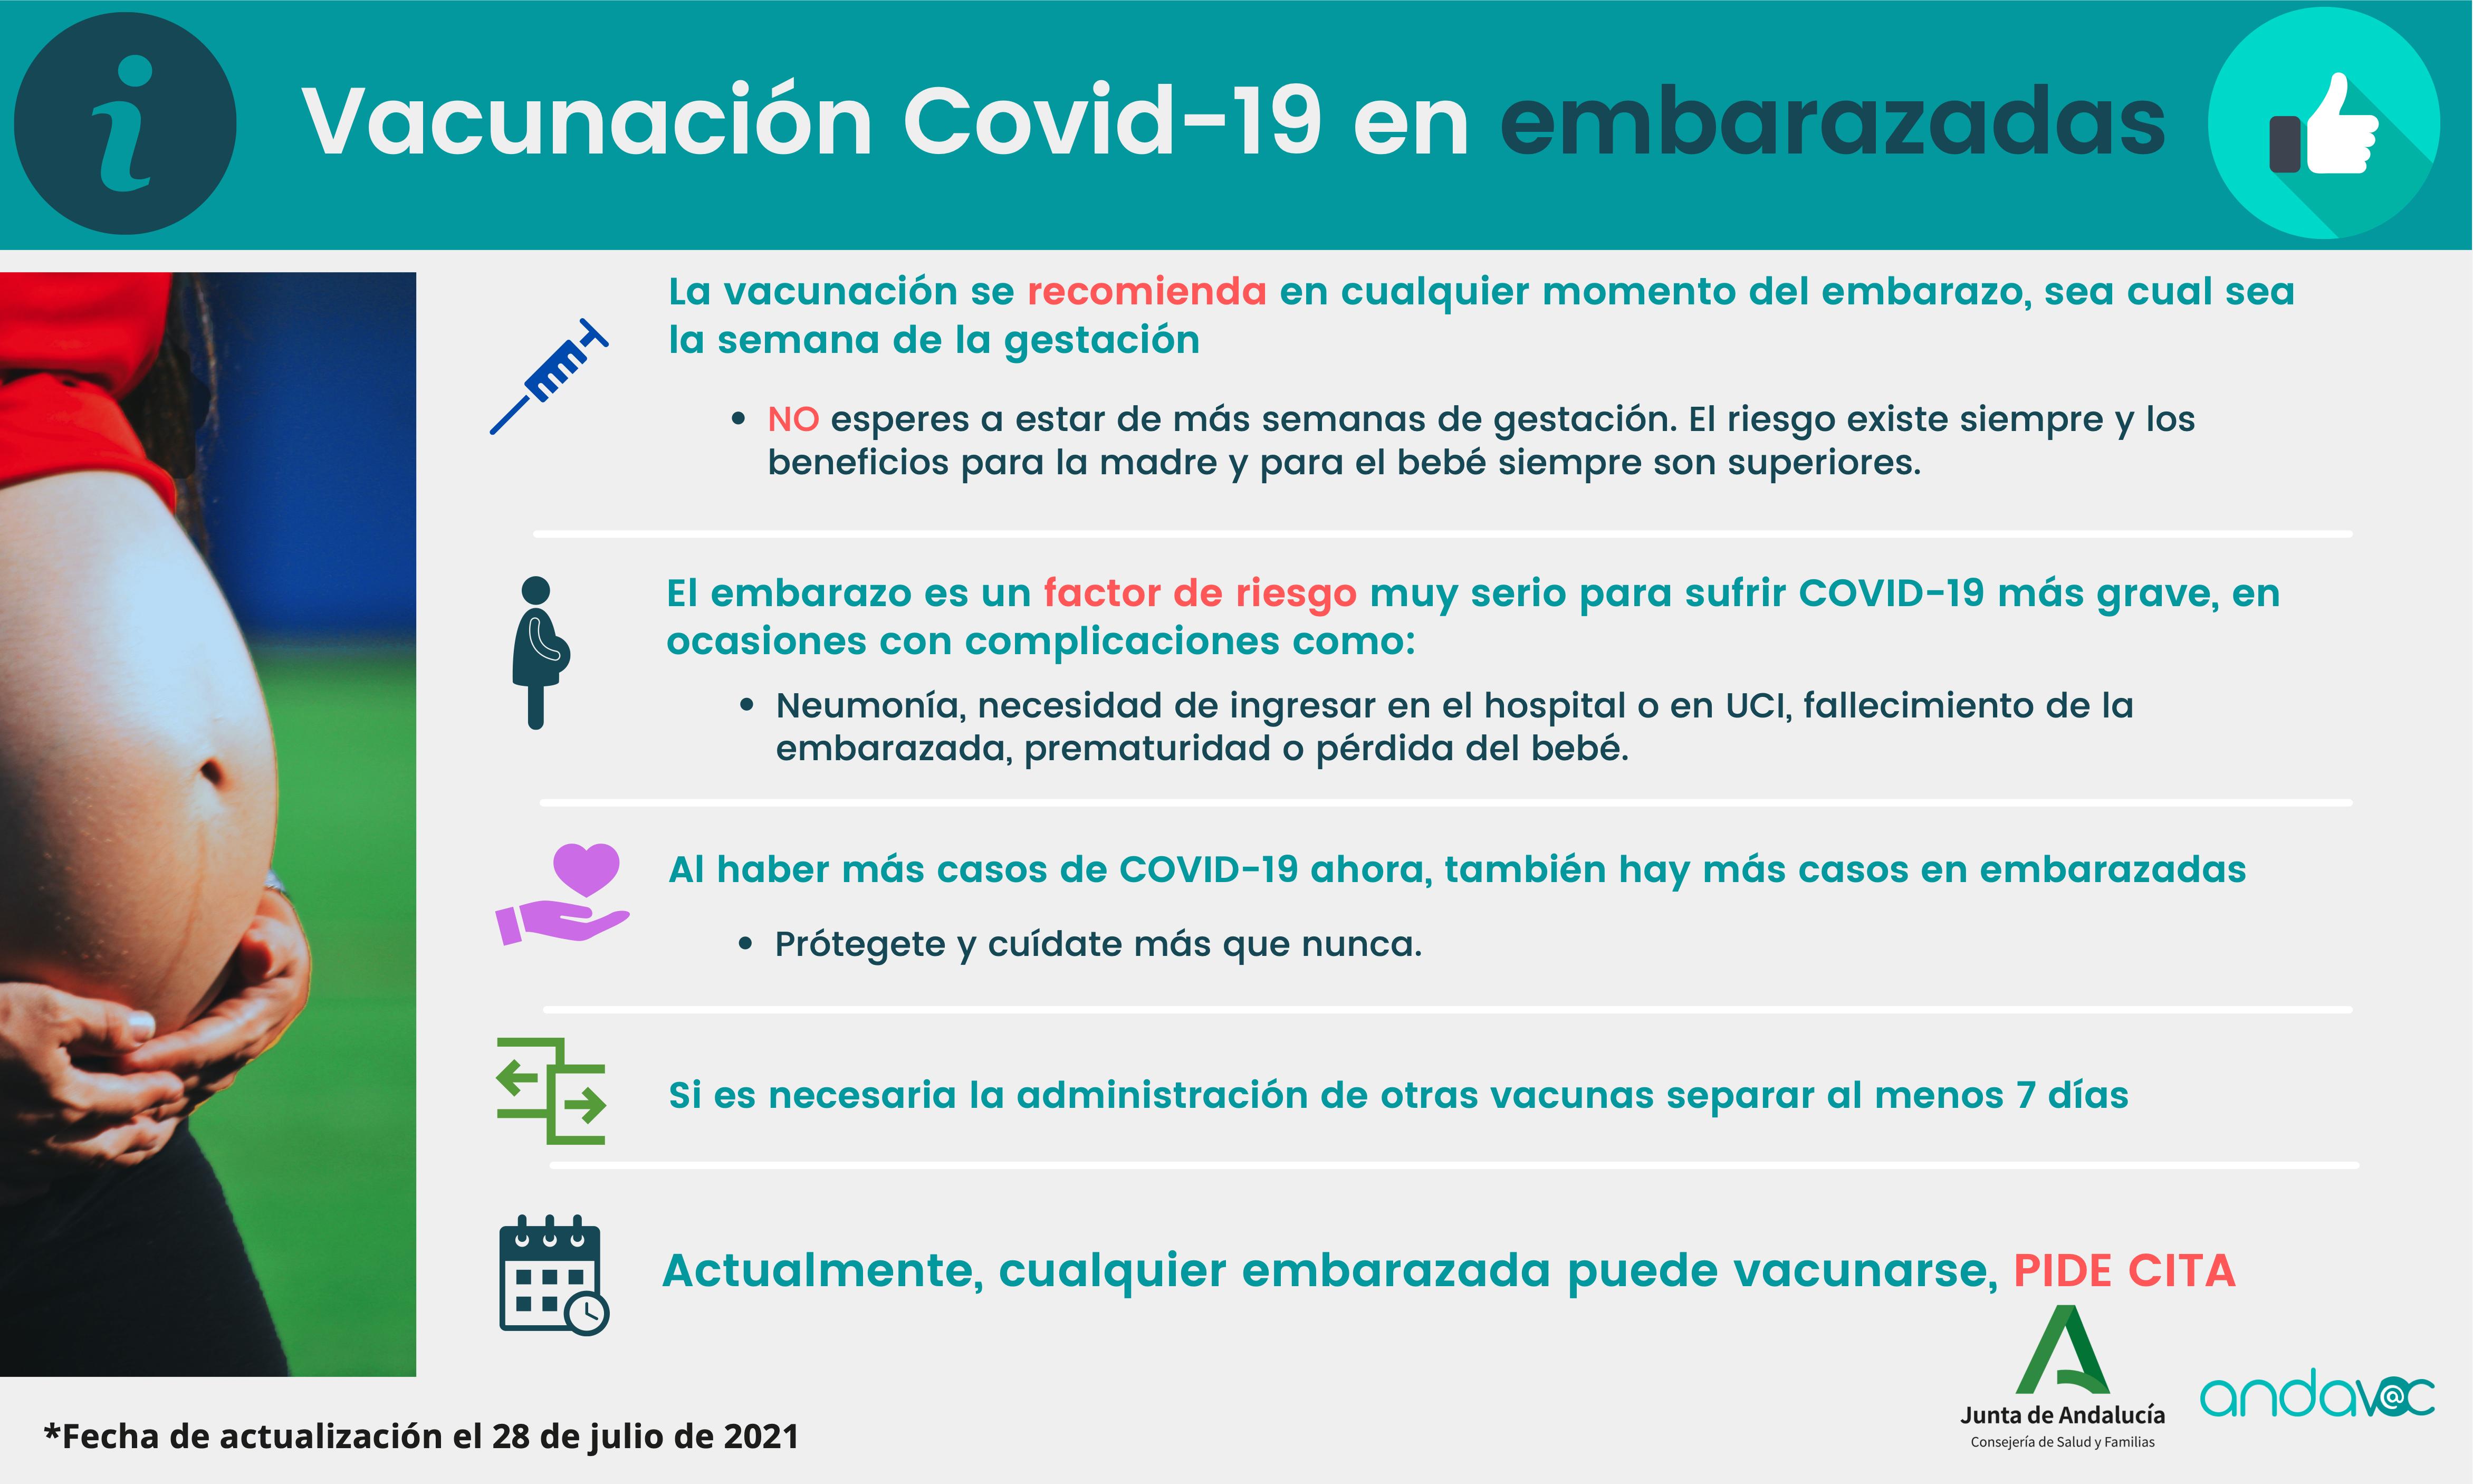 Vacunación COVID-19 embarazadas